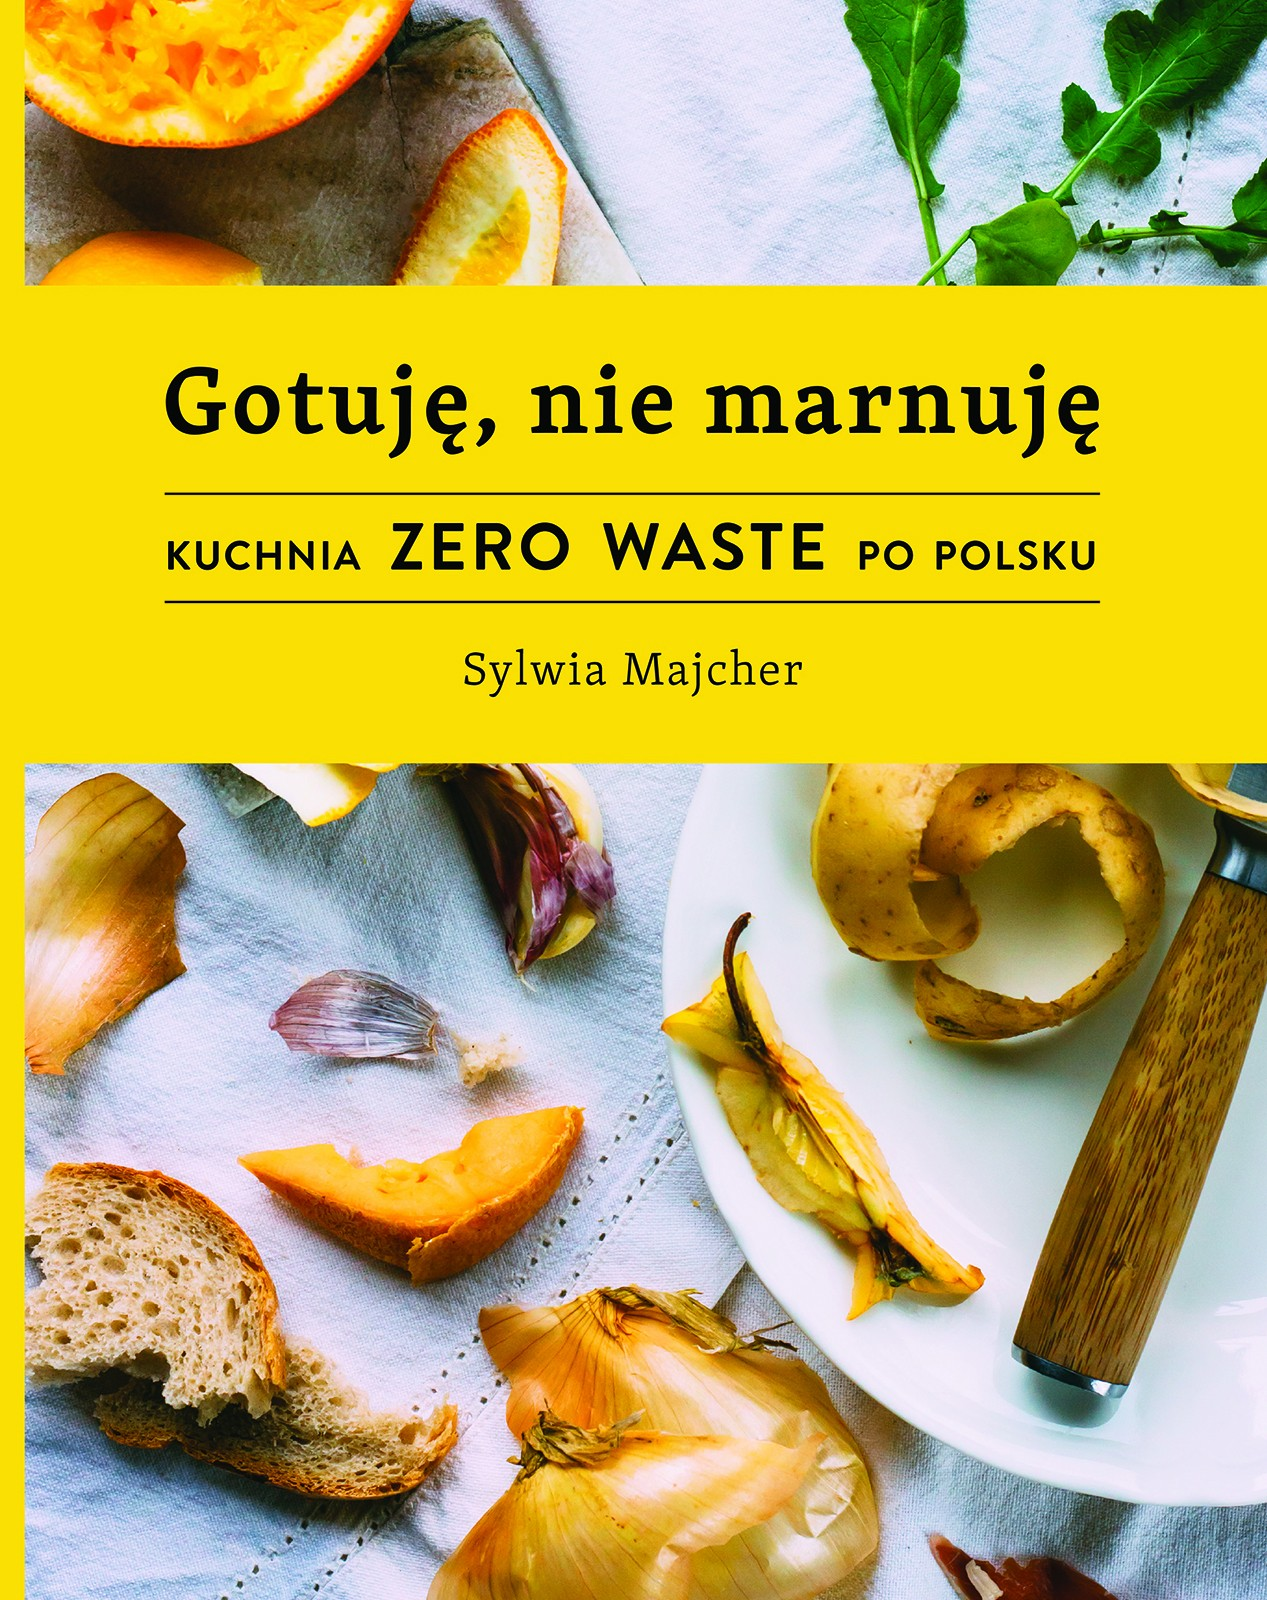 Gotuje Nie Marnuje Kuchnia Zero Waste Po Polsku Sylwia Majcher 37 49 Zl Gwfoksal Pl